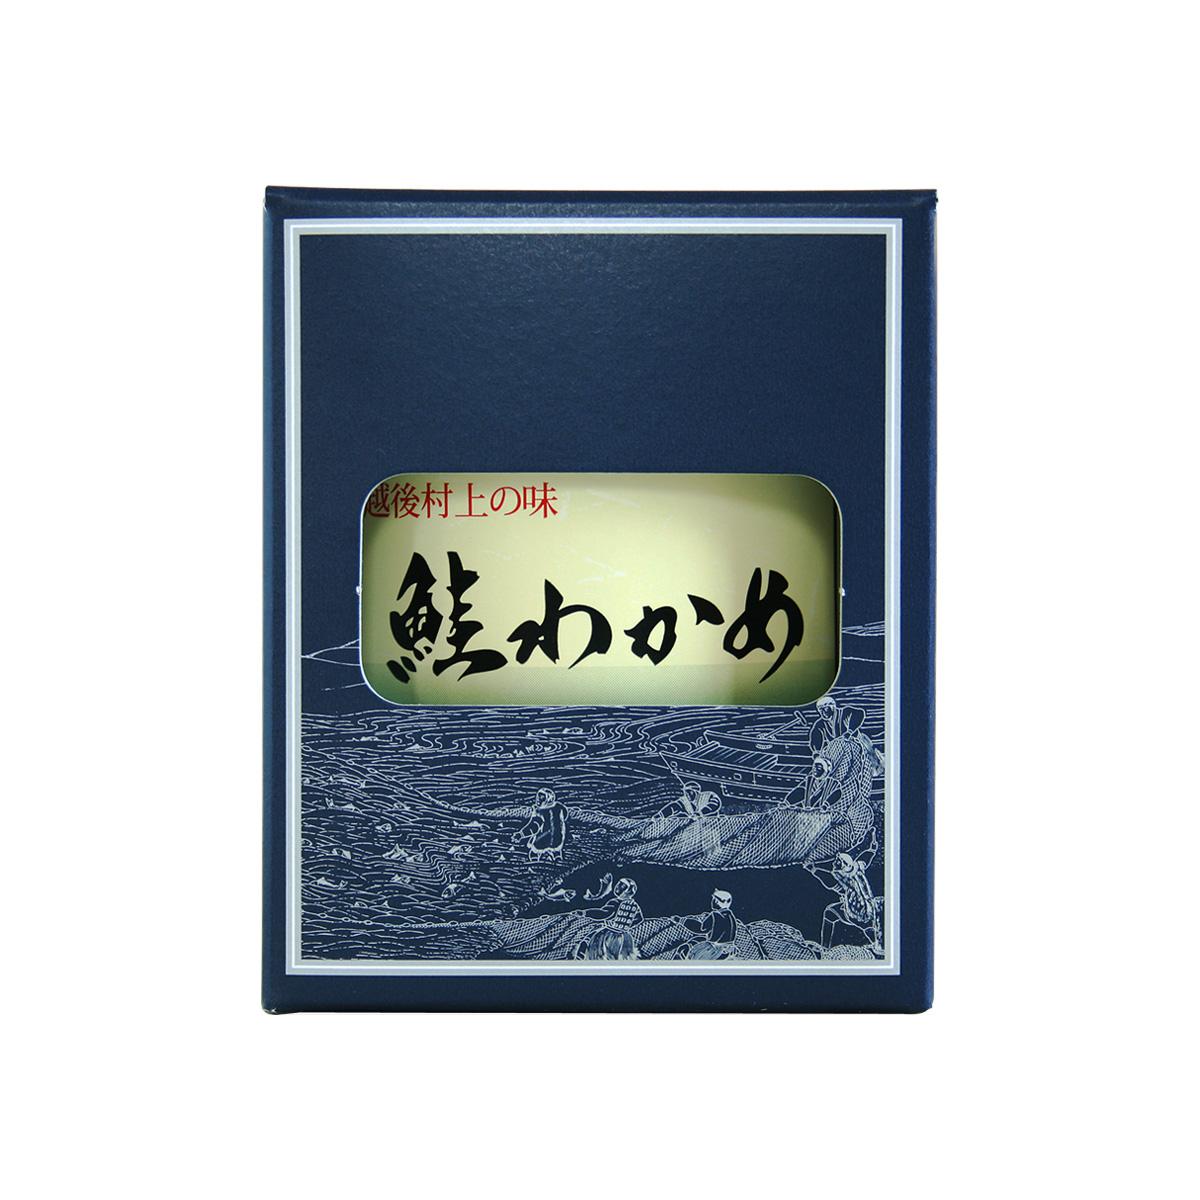 鮭わかめ (鮭フレーク) 80g